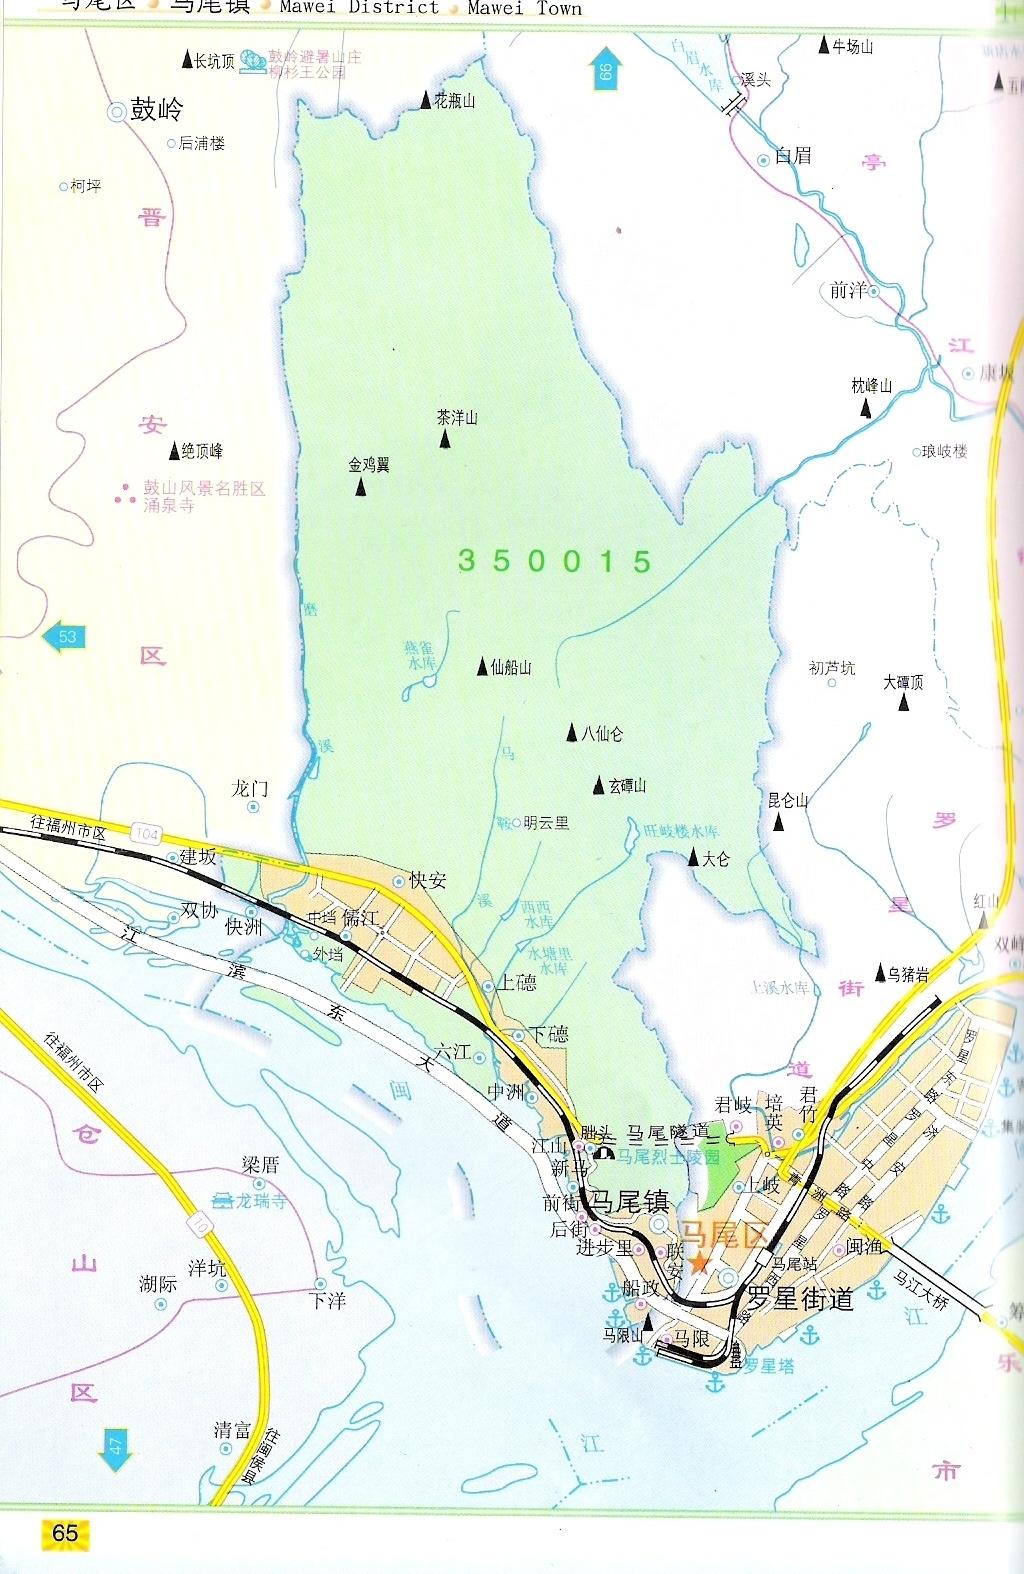 福州市地图查询